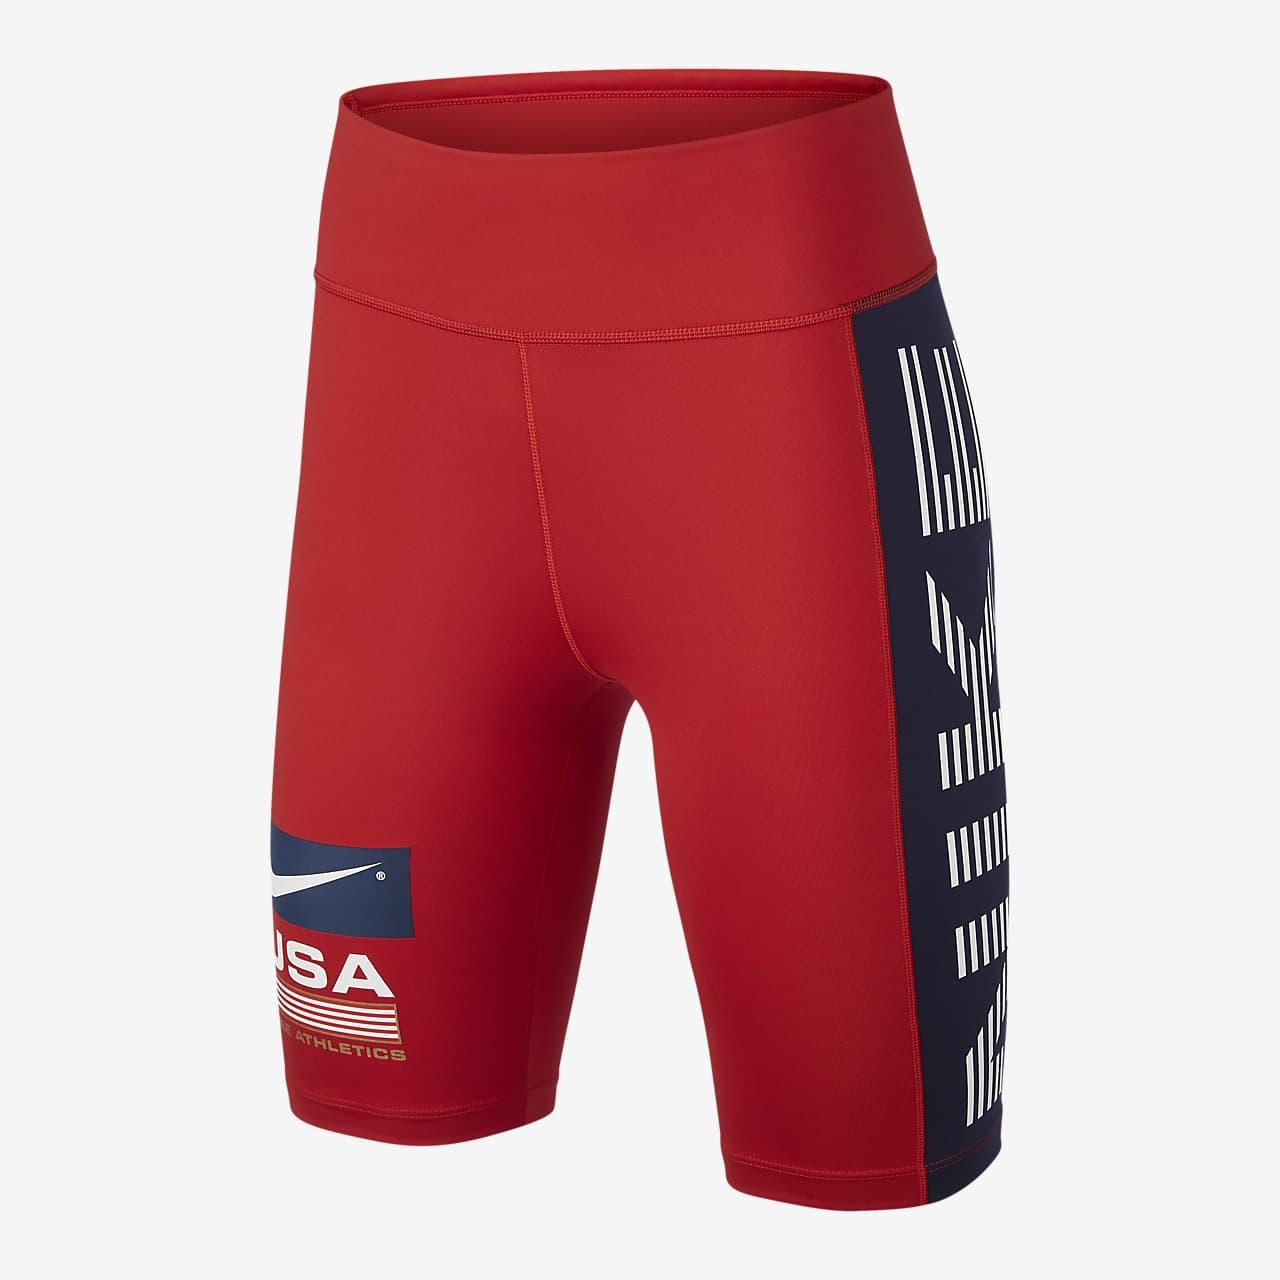 Nike Women's Bike Shorts